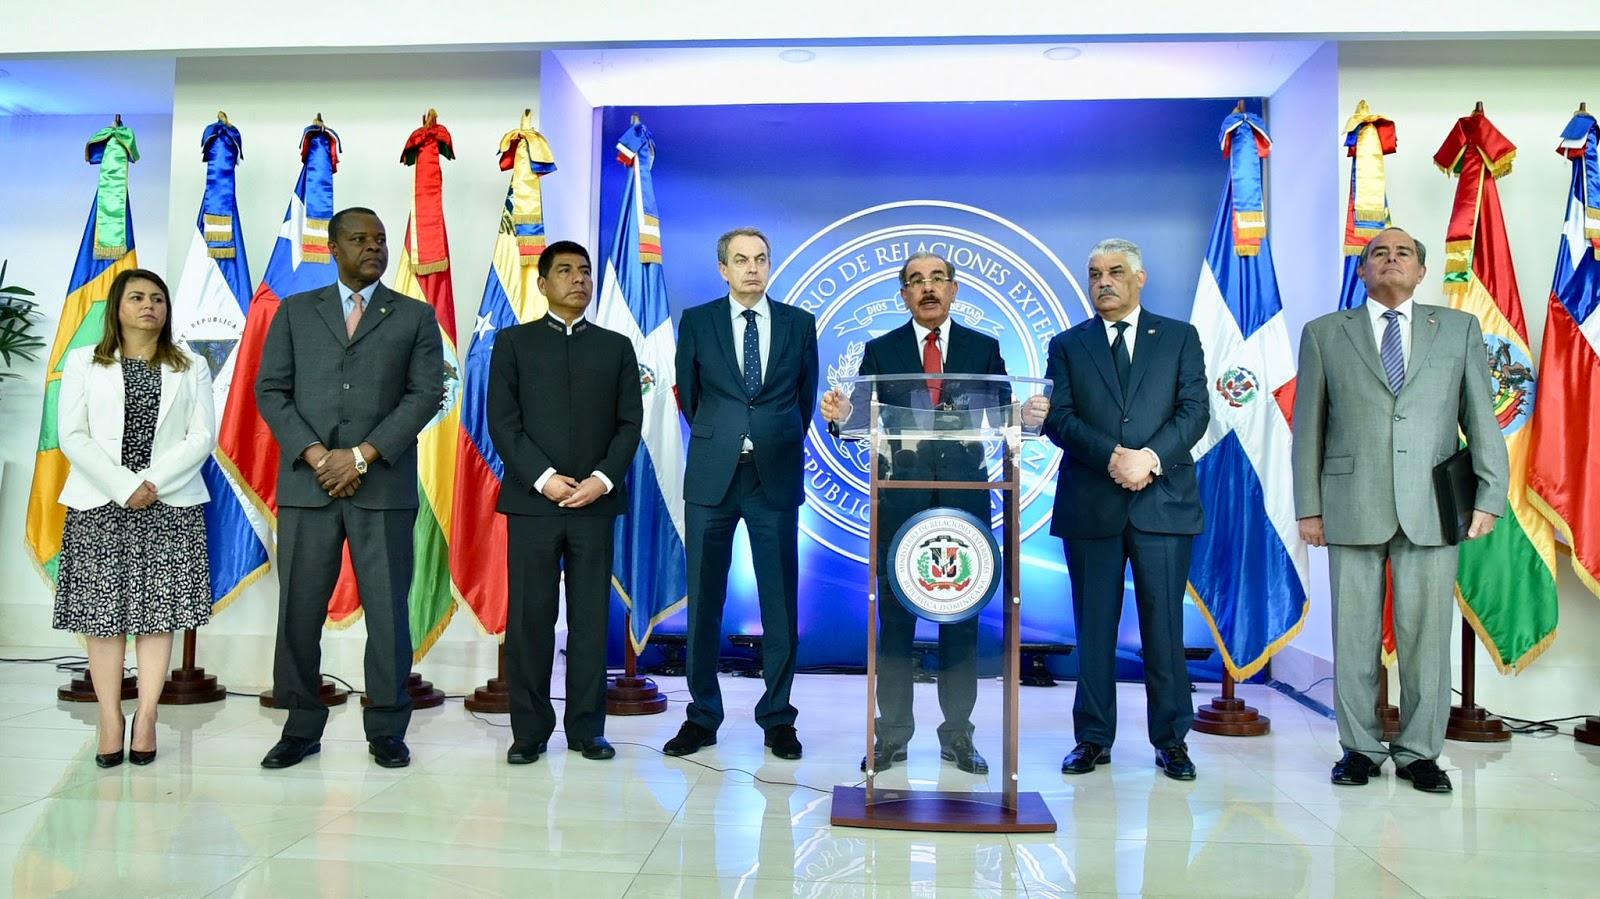 VIDEO: República Dominicana cumplió con su deber: Danilo Medina